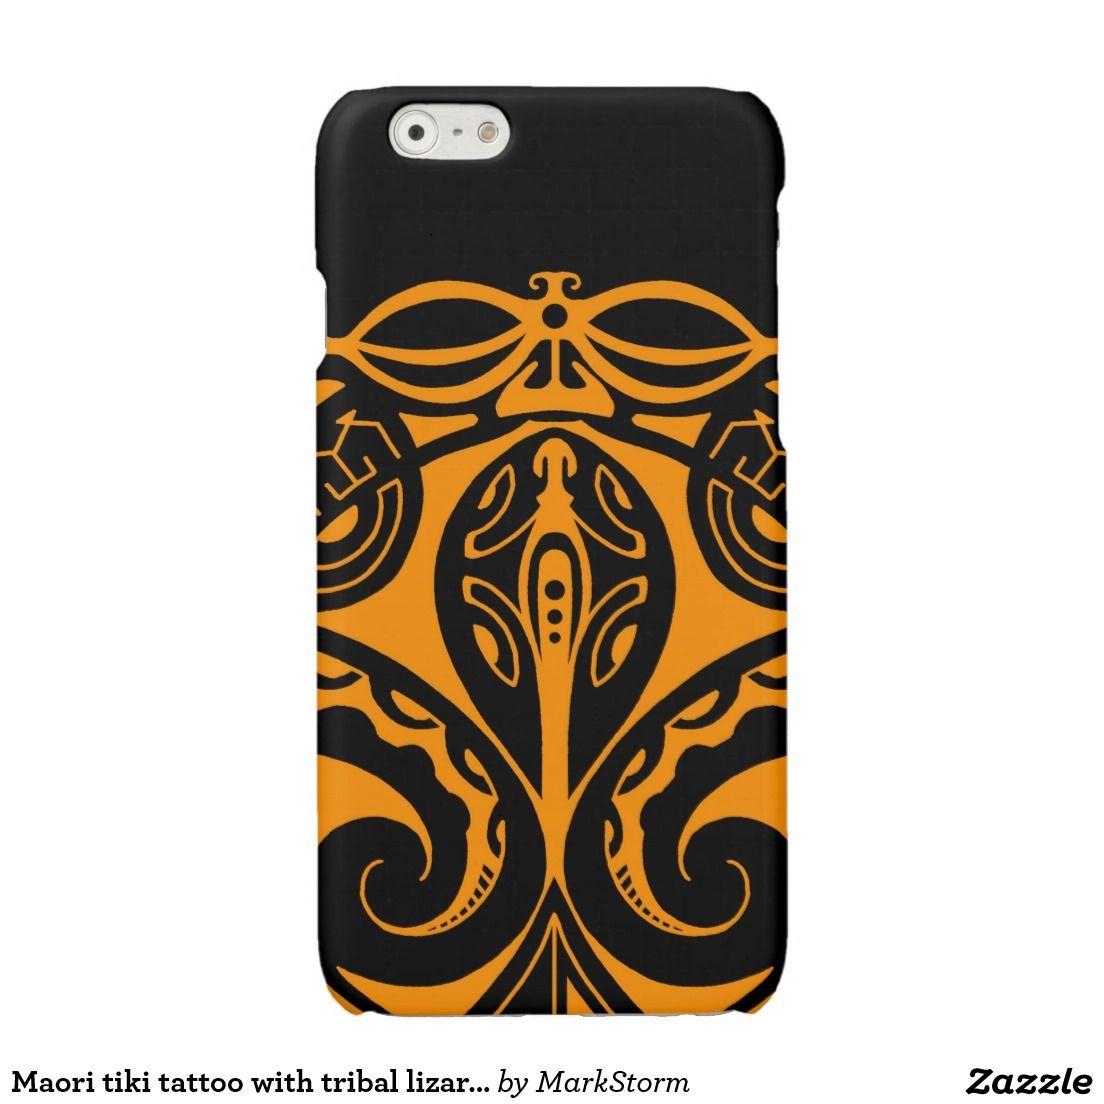 f064d36d3 Maori tattoo design in full color glossy iPhone 6 case Maoritattoos